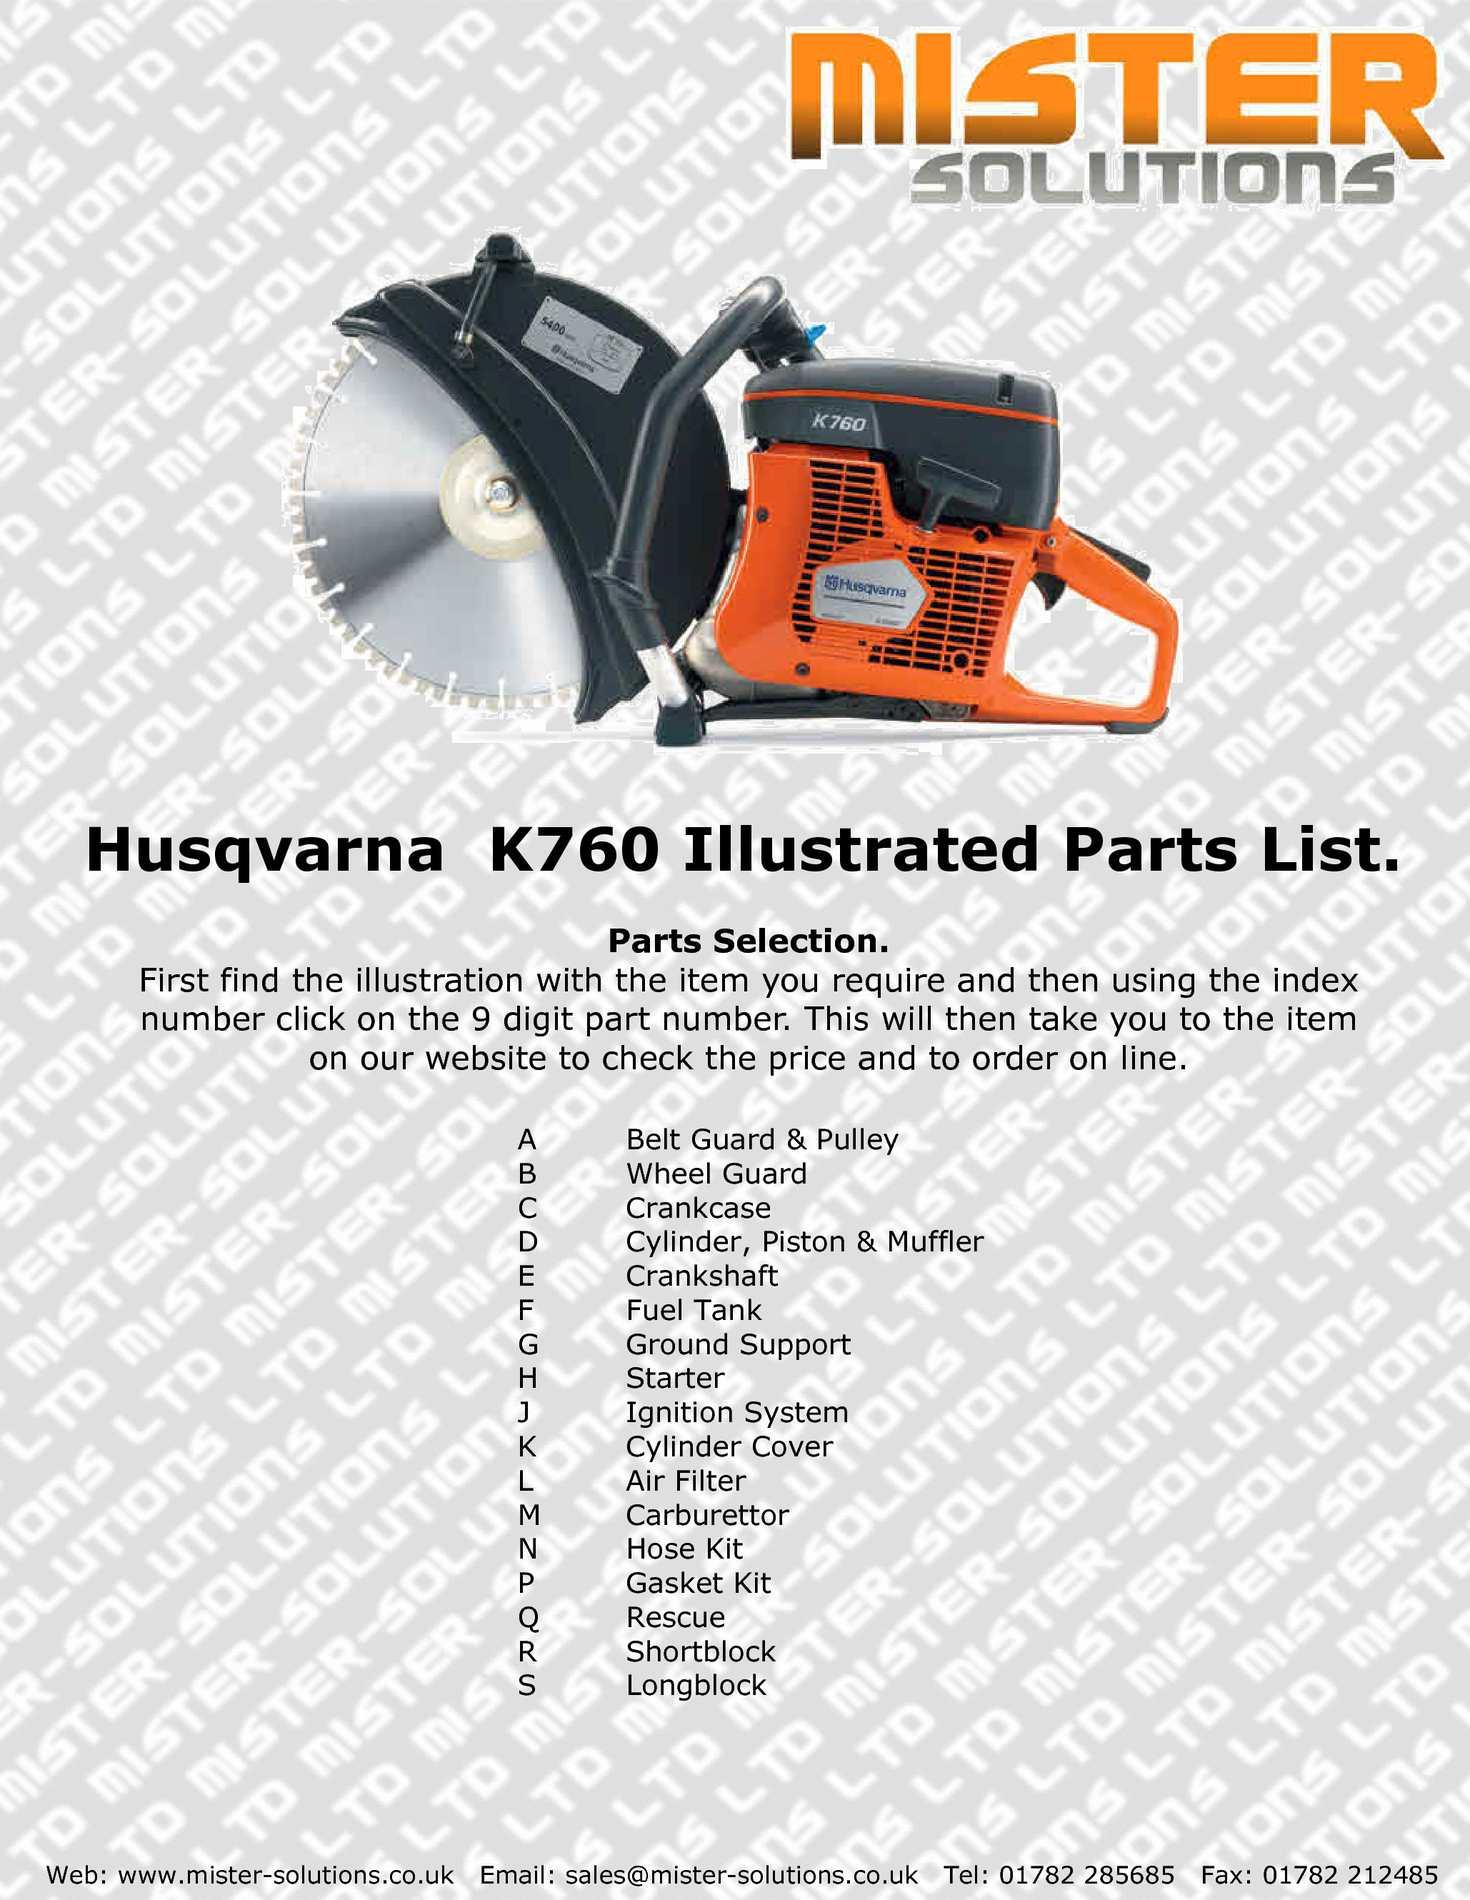 Calaméo - Husqvarna K760 Parts List